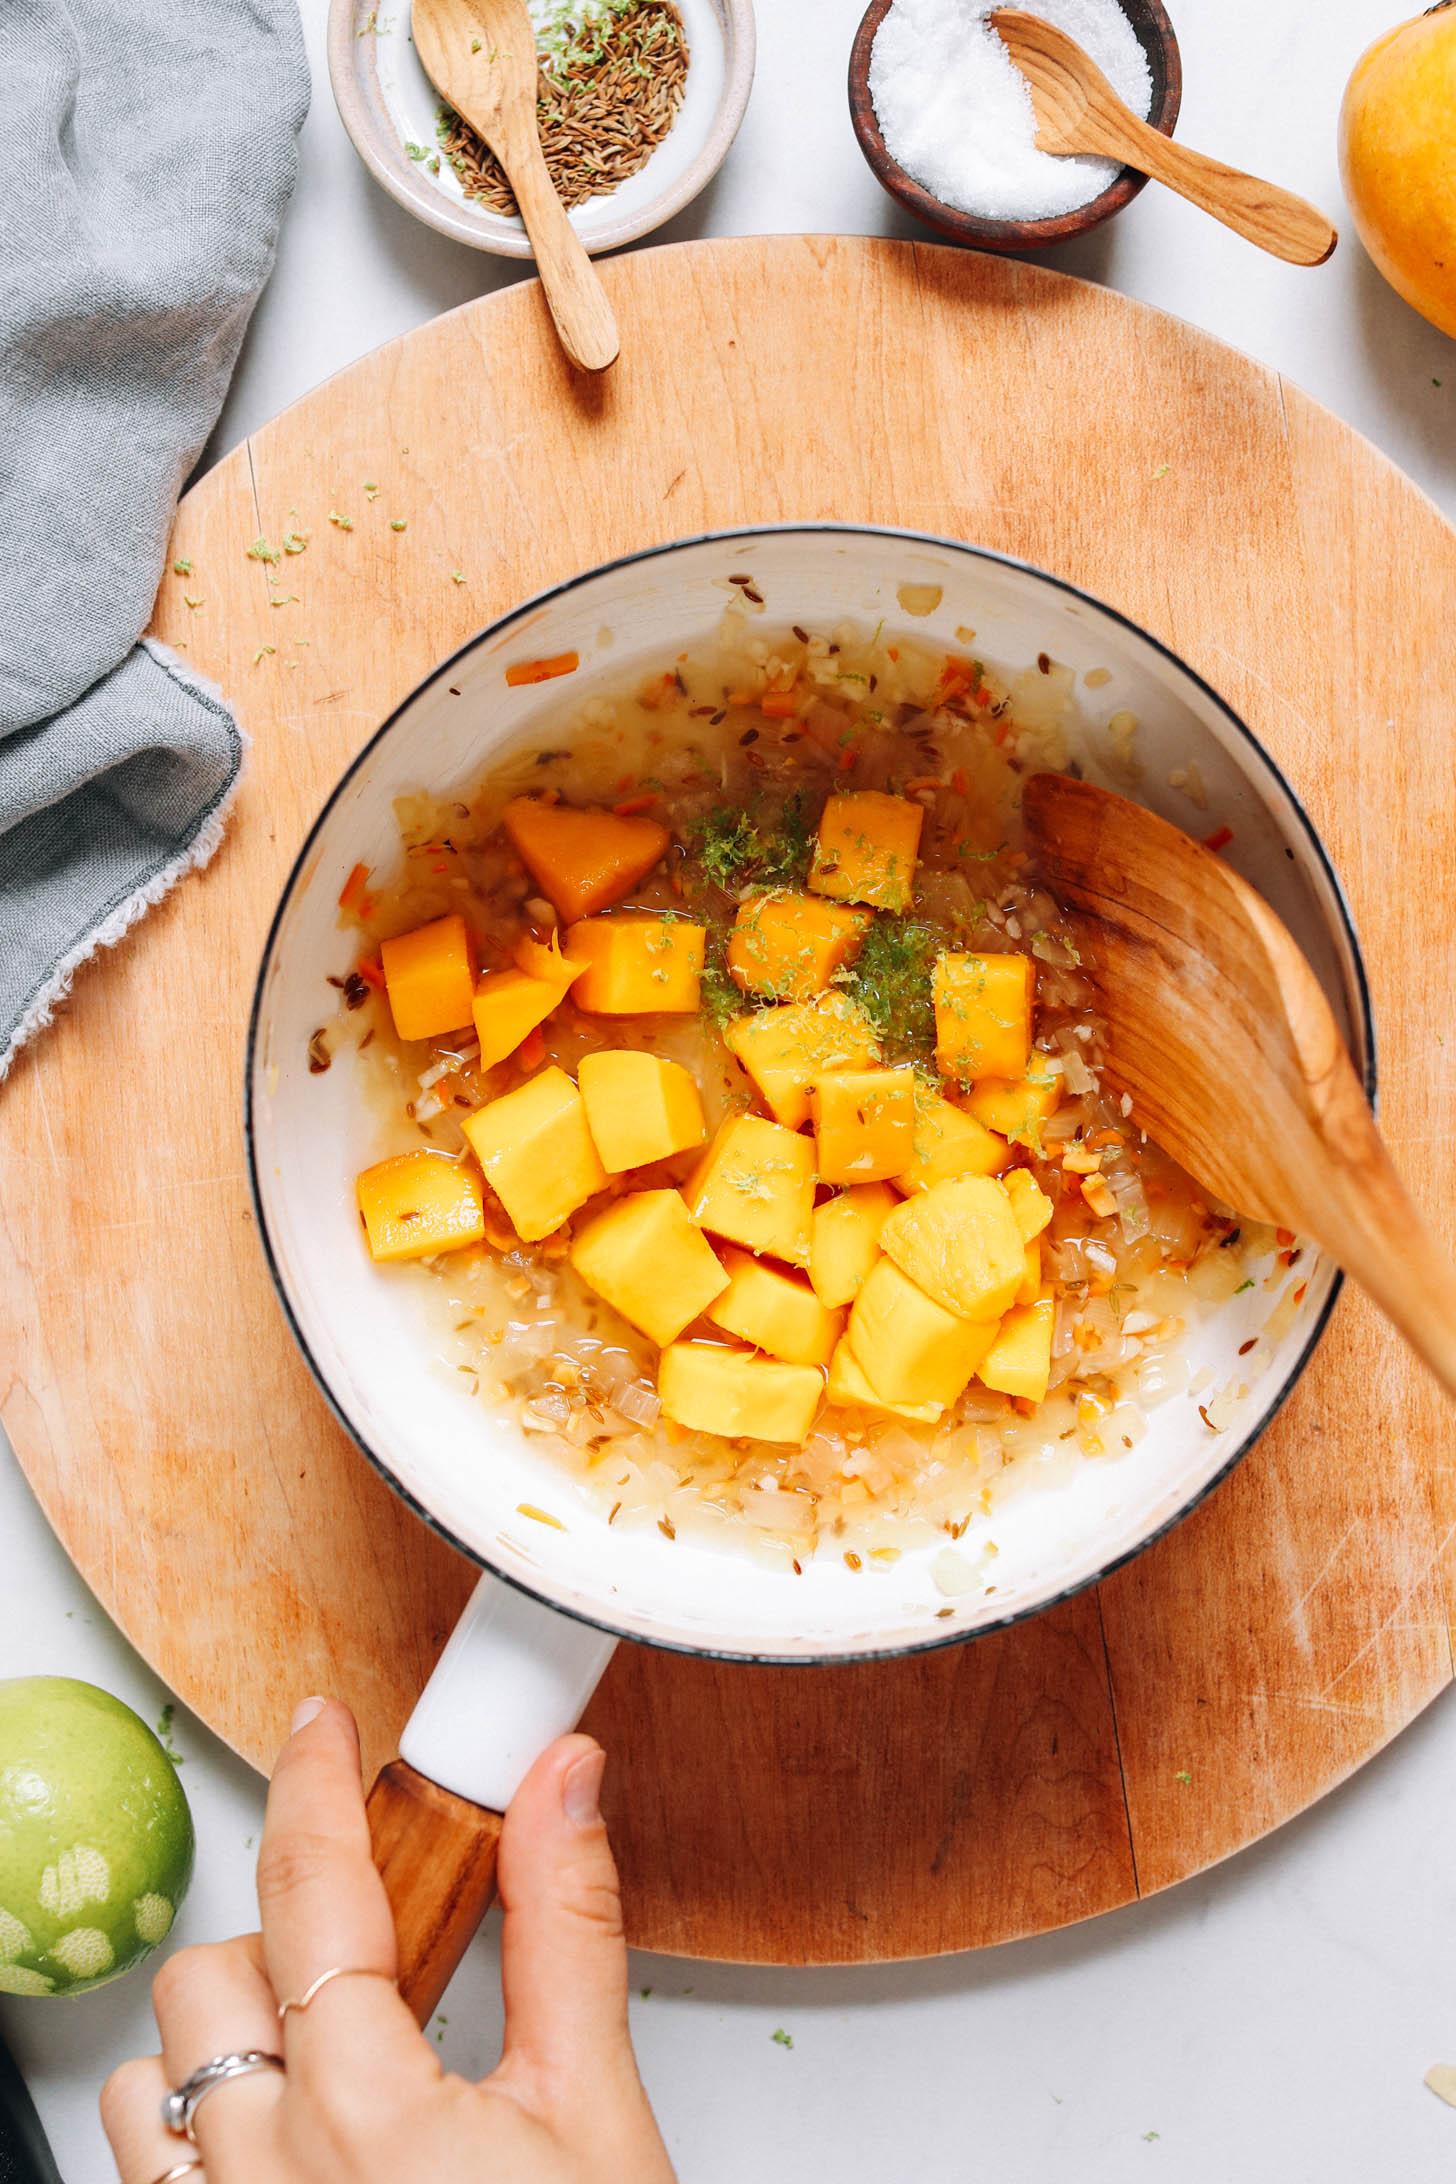 Mangószósz, párolt hagyma, köménymag, lime héja, lime juice, víz és ecet